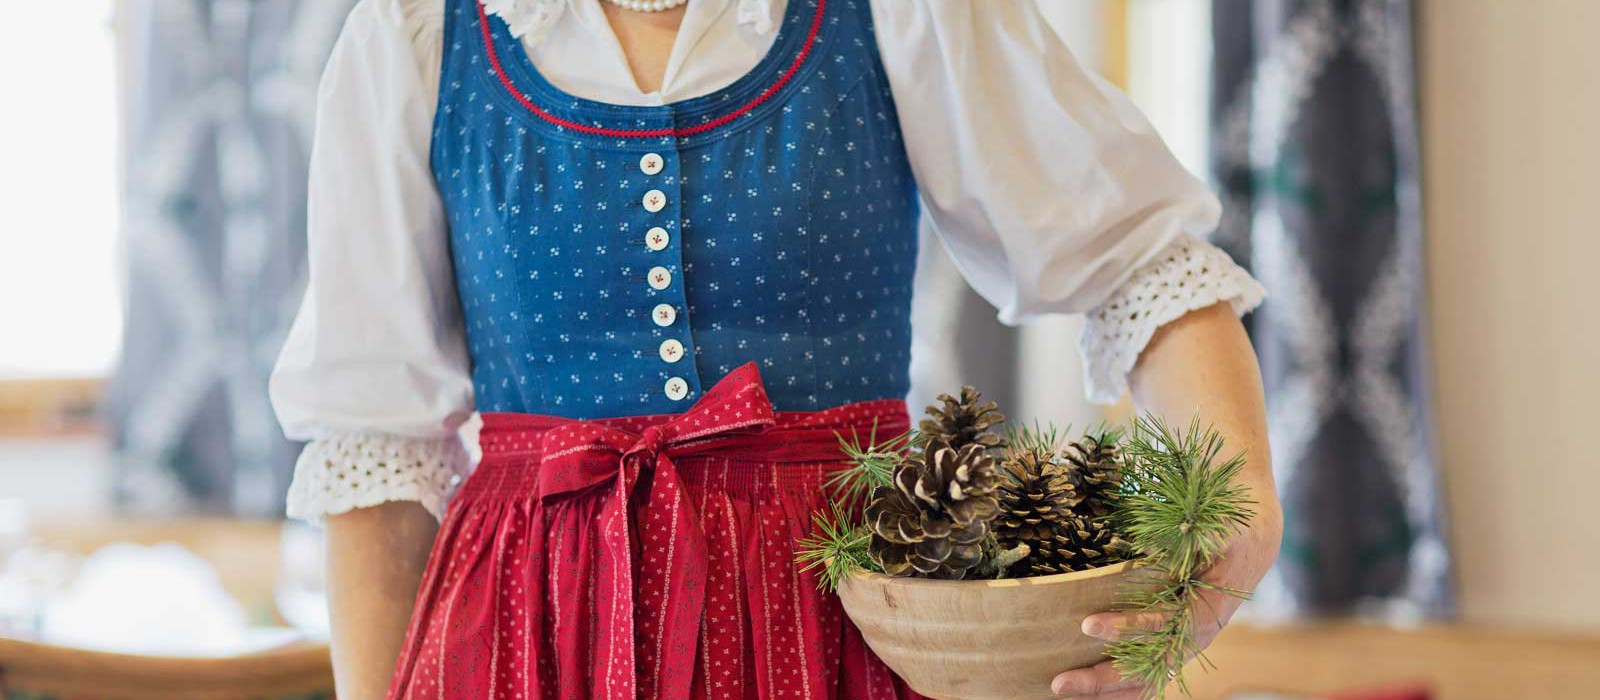 Tradition und Familie - das Untermüllnergut